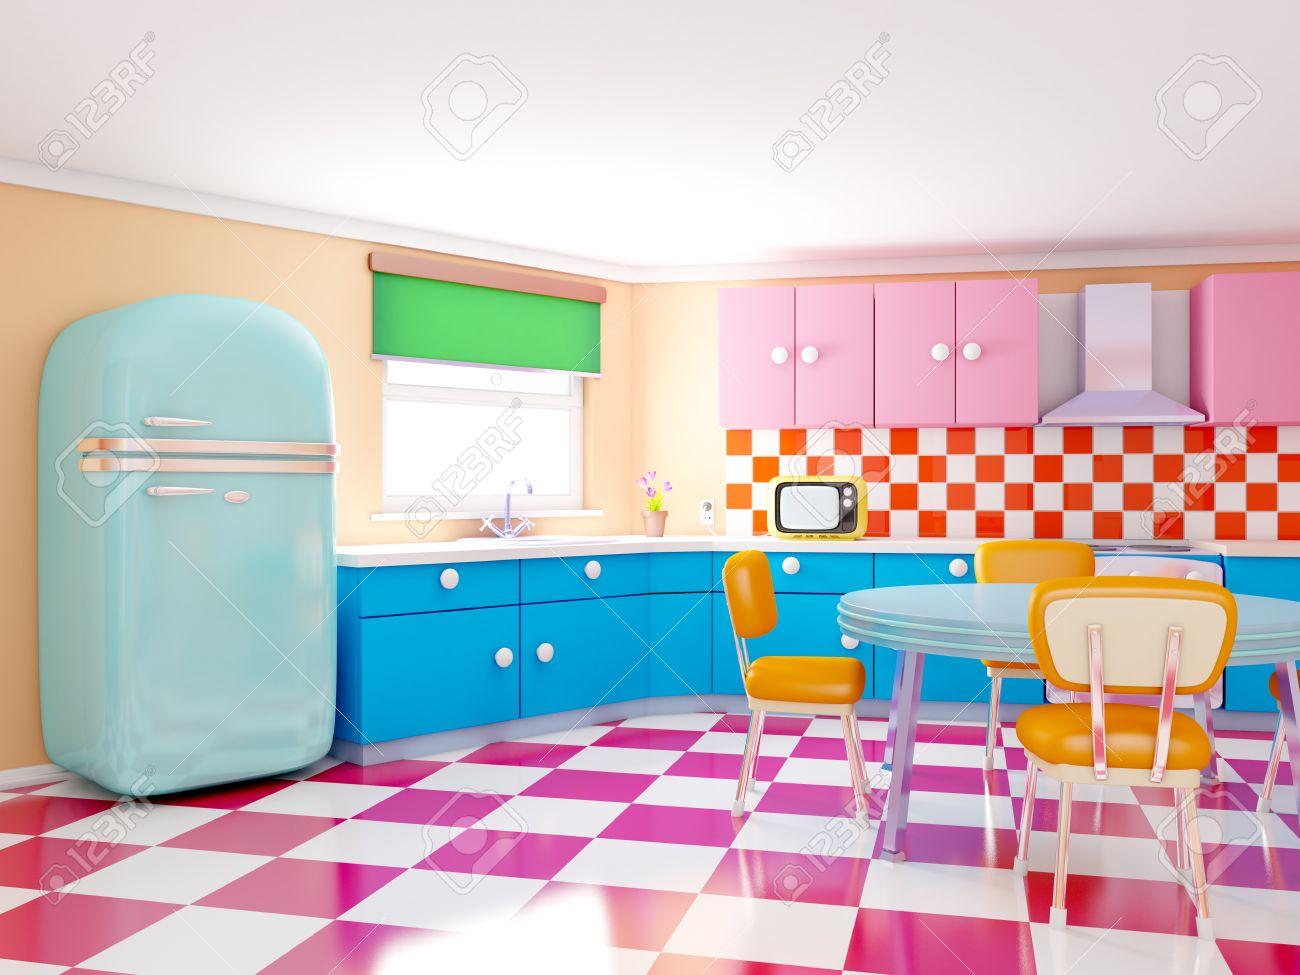 cuisine rétro dans le style de bande dessinée avec sol en damier. 3d